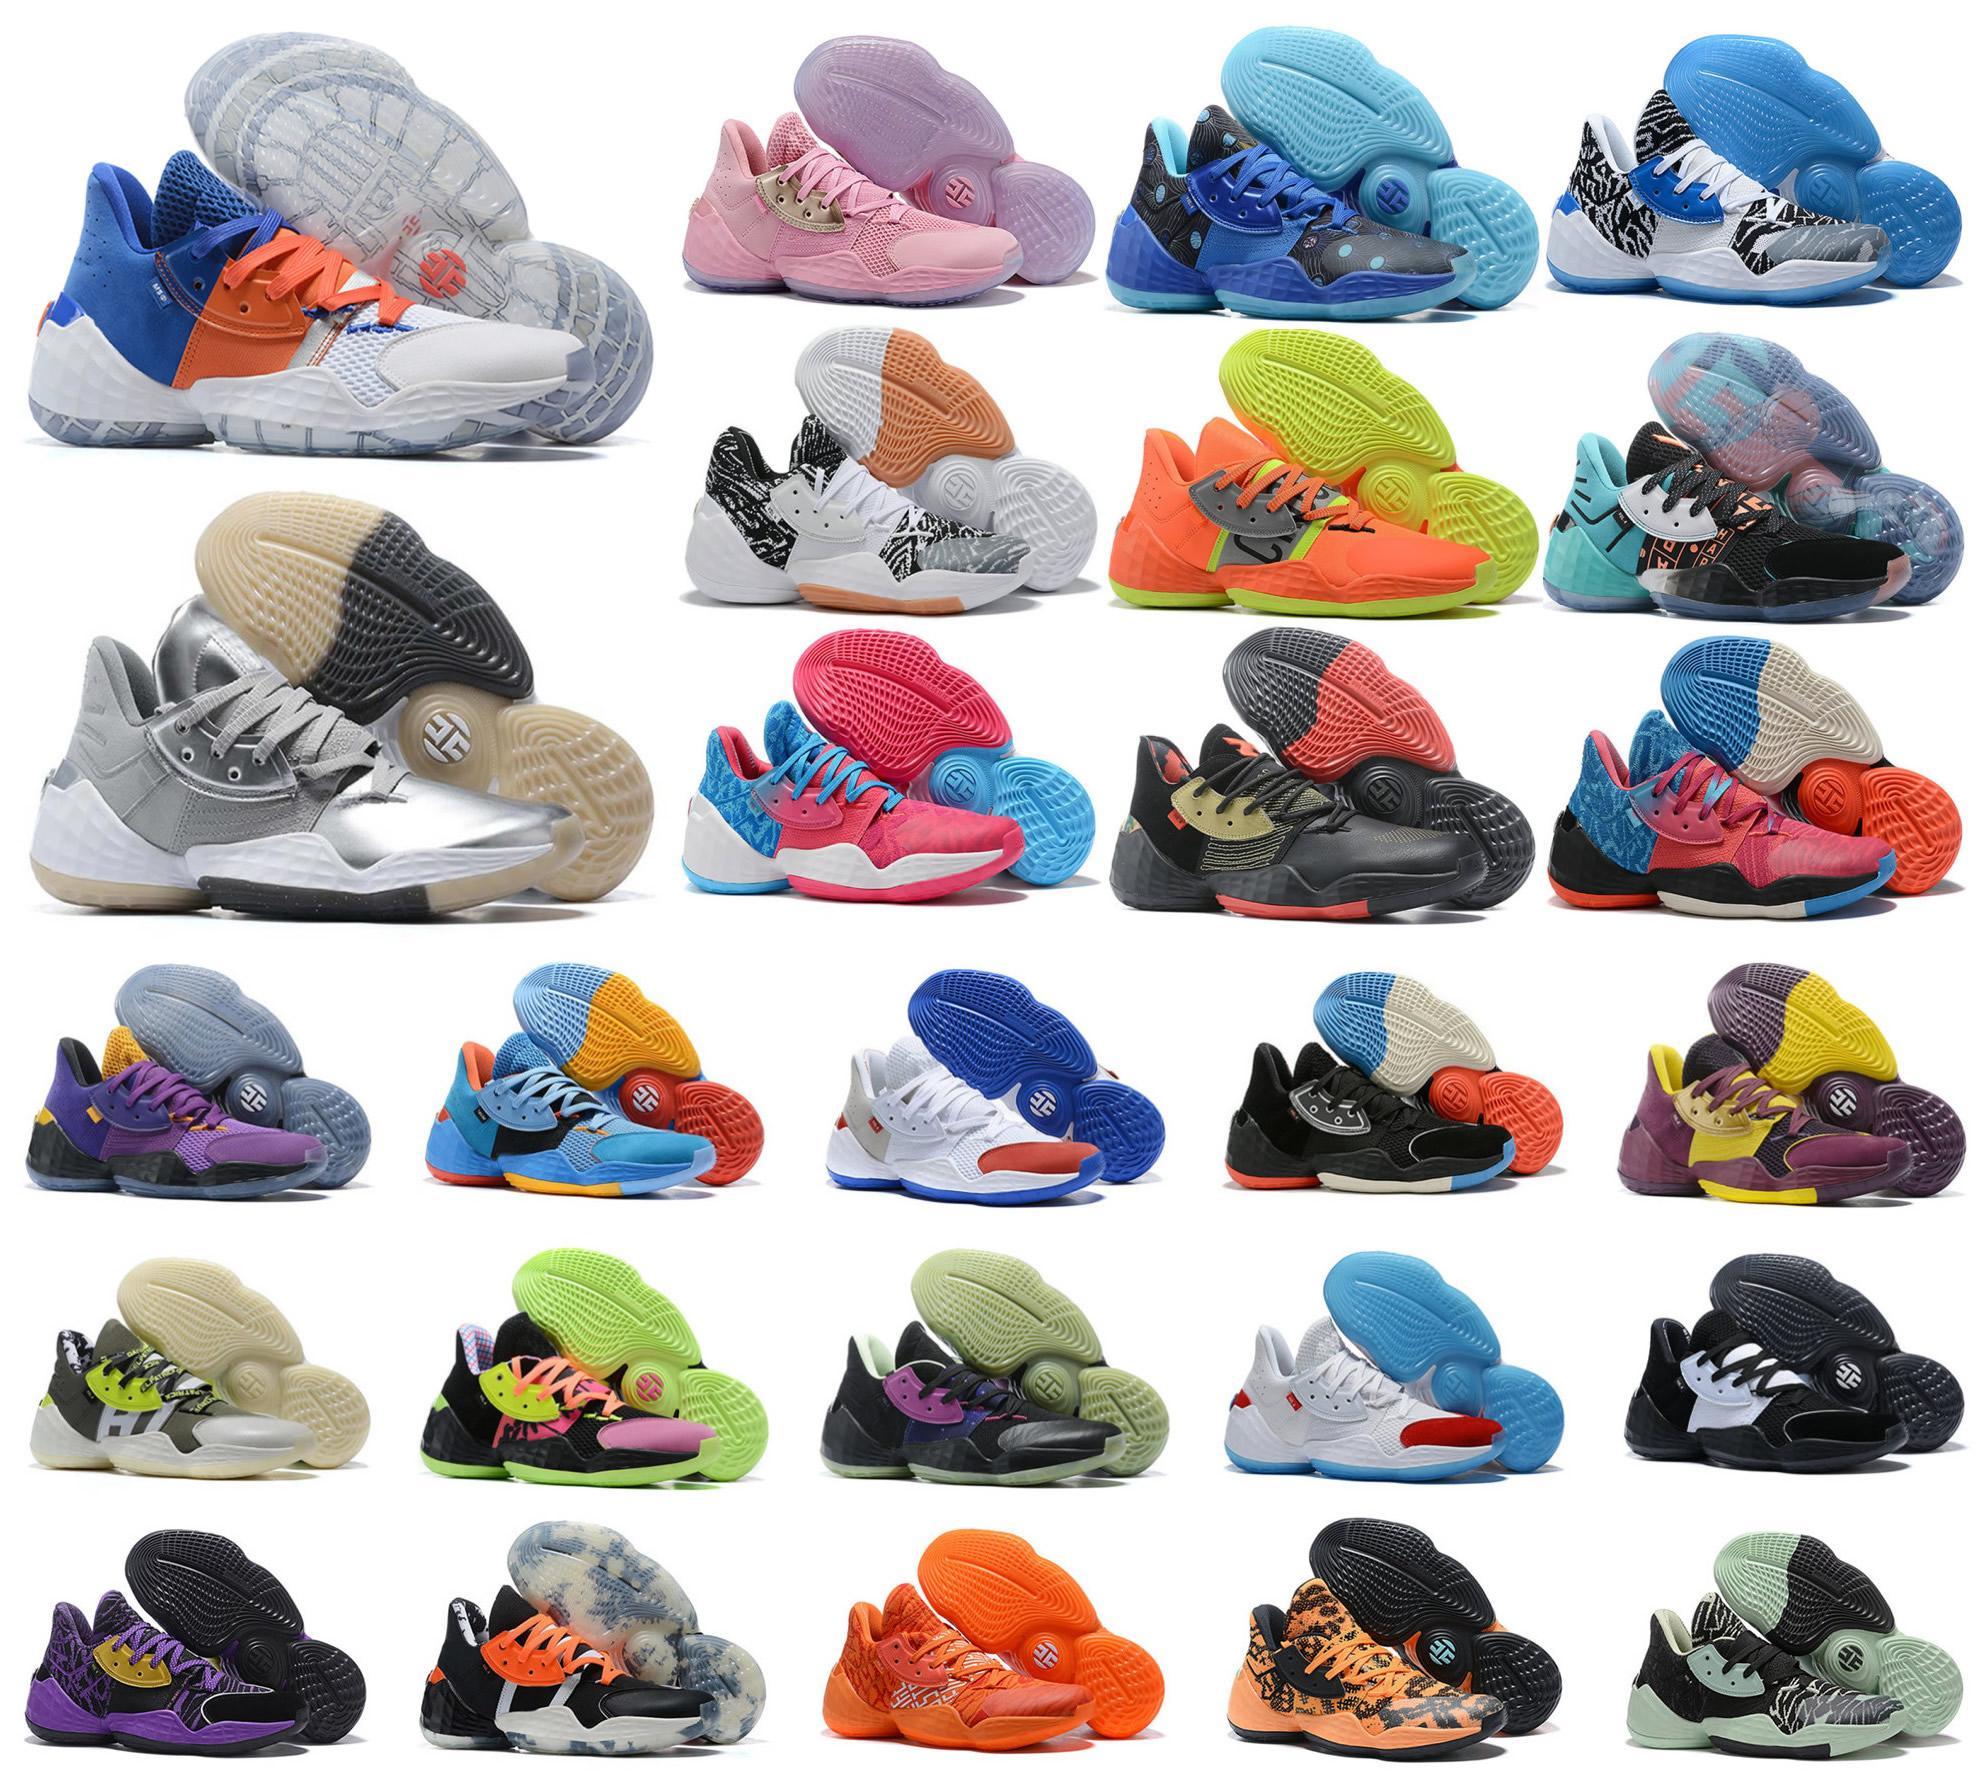 2020 رجل جيمس هاردن 4 المجلد. 4 أحذية 4S IV MVP BHM الأسود بنين كرة السلة التدريب الرياضي حذاء رياضة حجم الولايات المتحدة 7-12